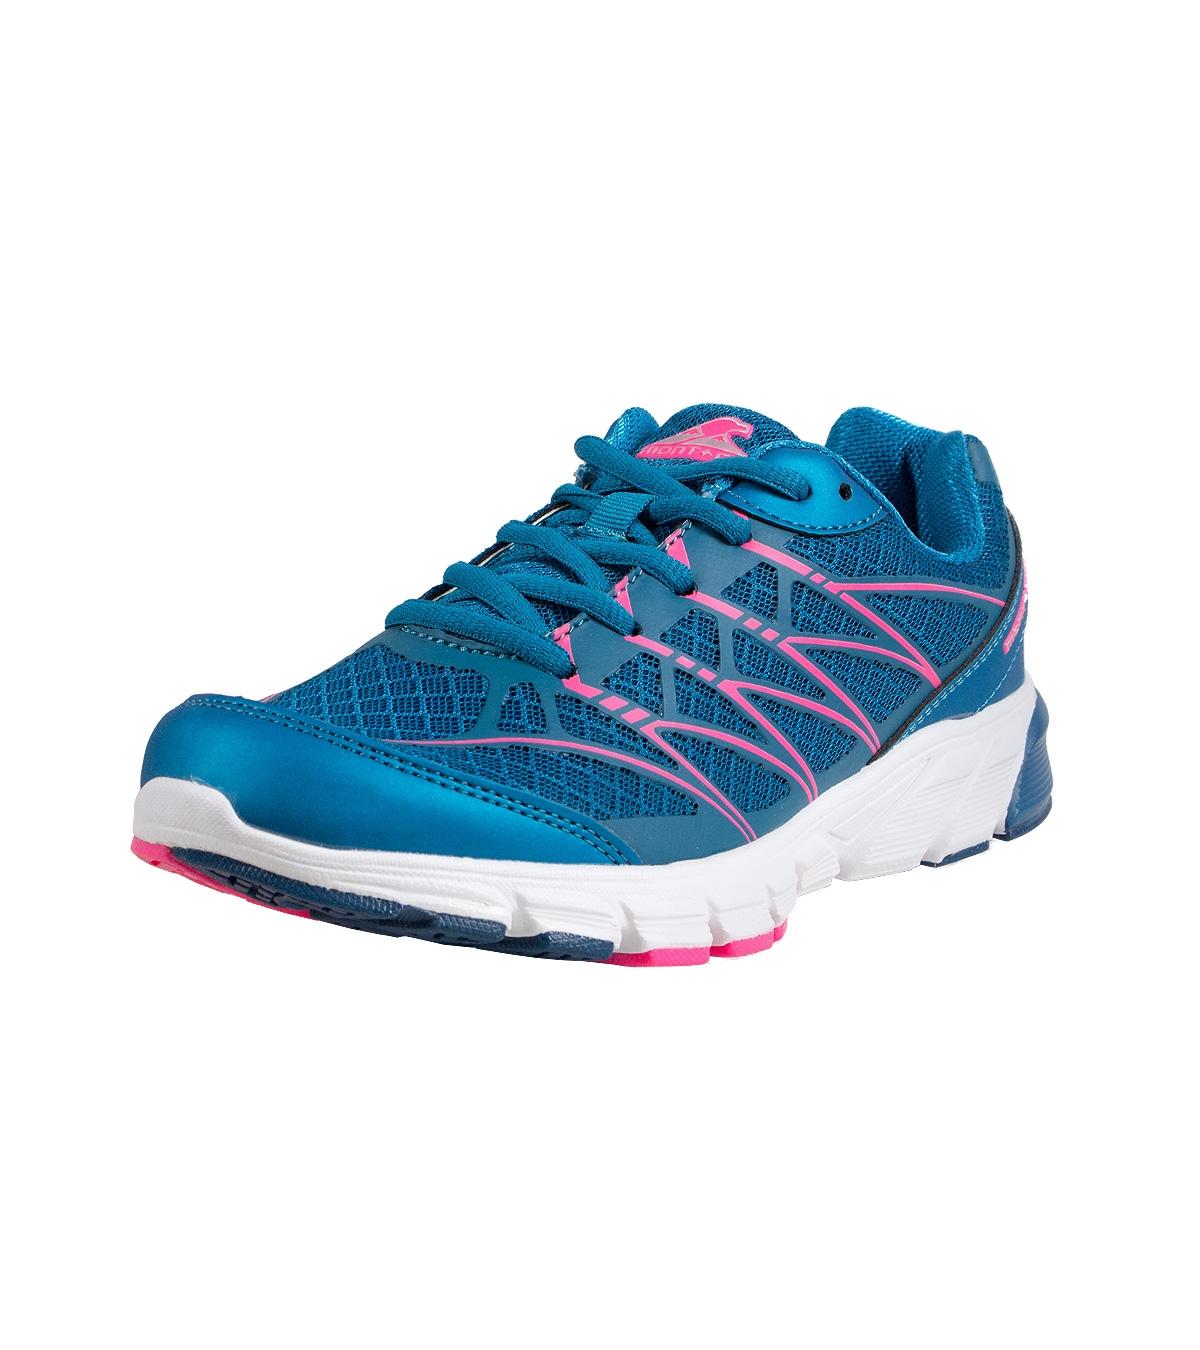 Zapatillas de running de mujer Action